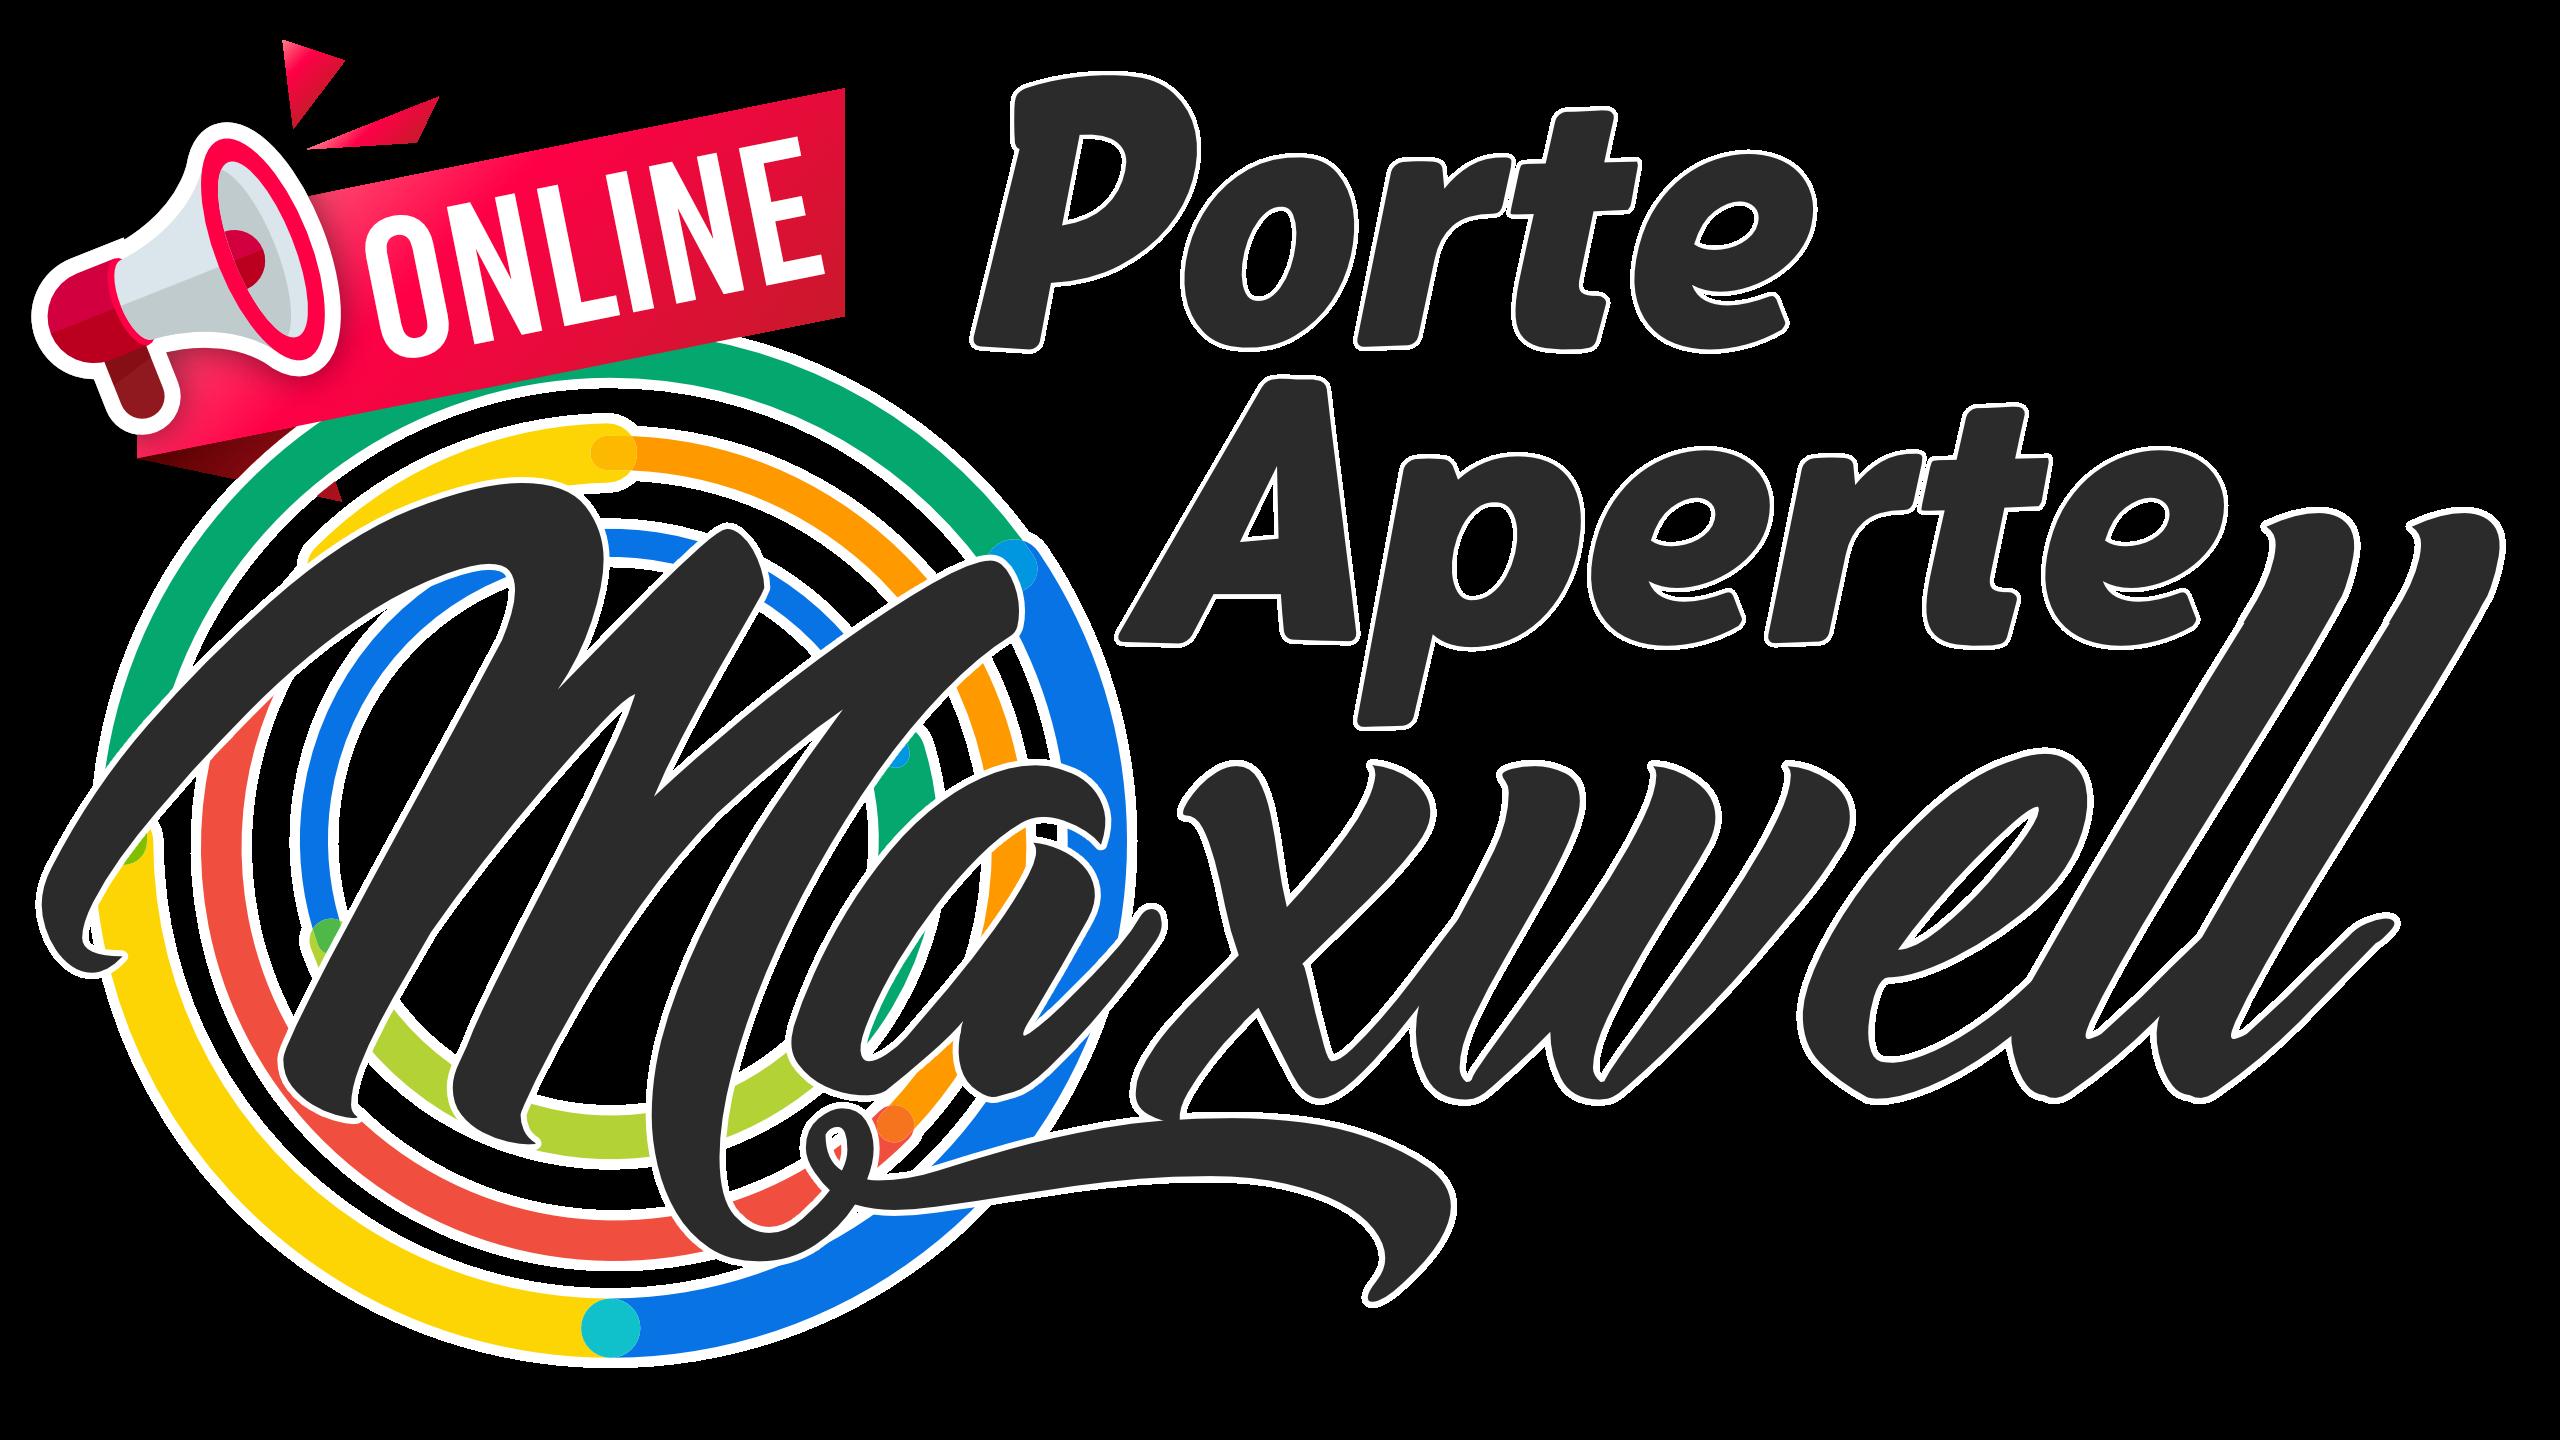 Porte Aperte Online